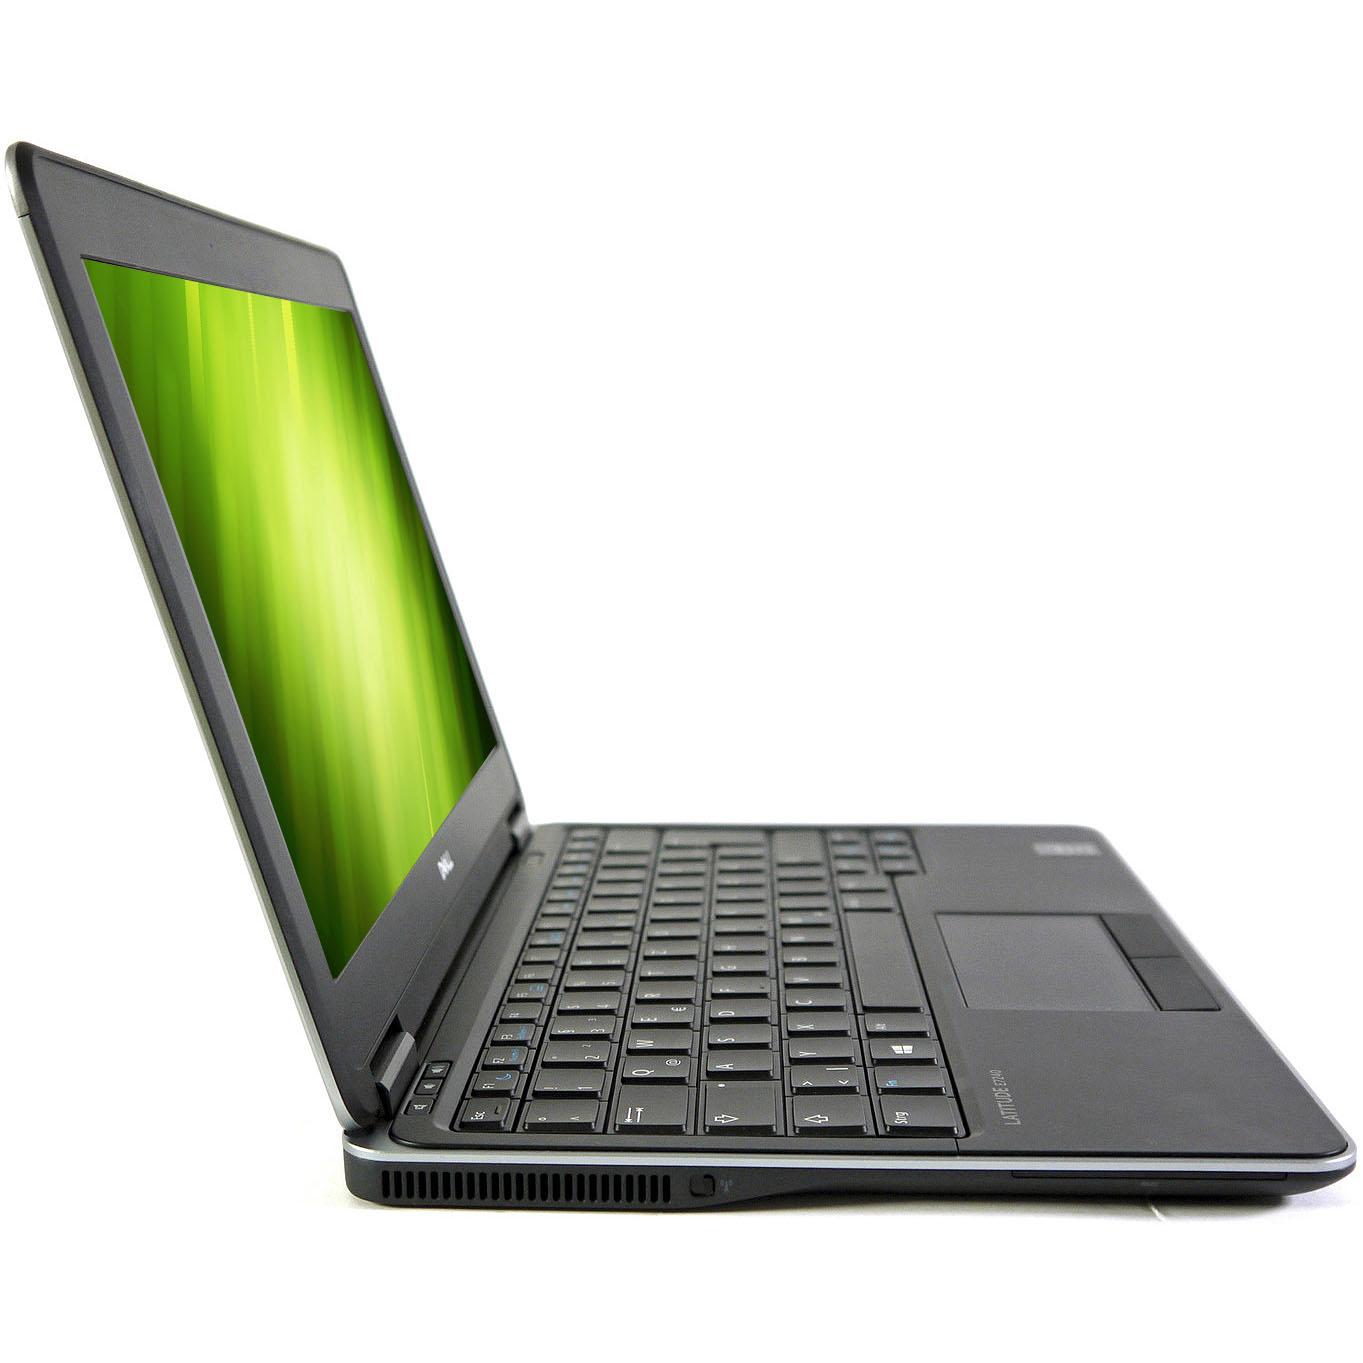 Dell Latitude E7240 I5 19GHz 8GB 128SSD Windows 10 Pro 64